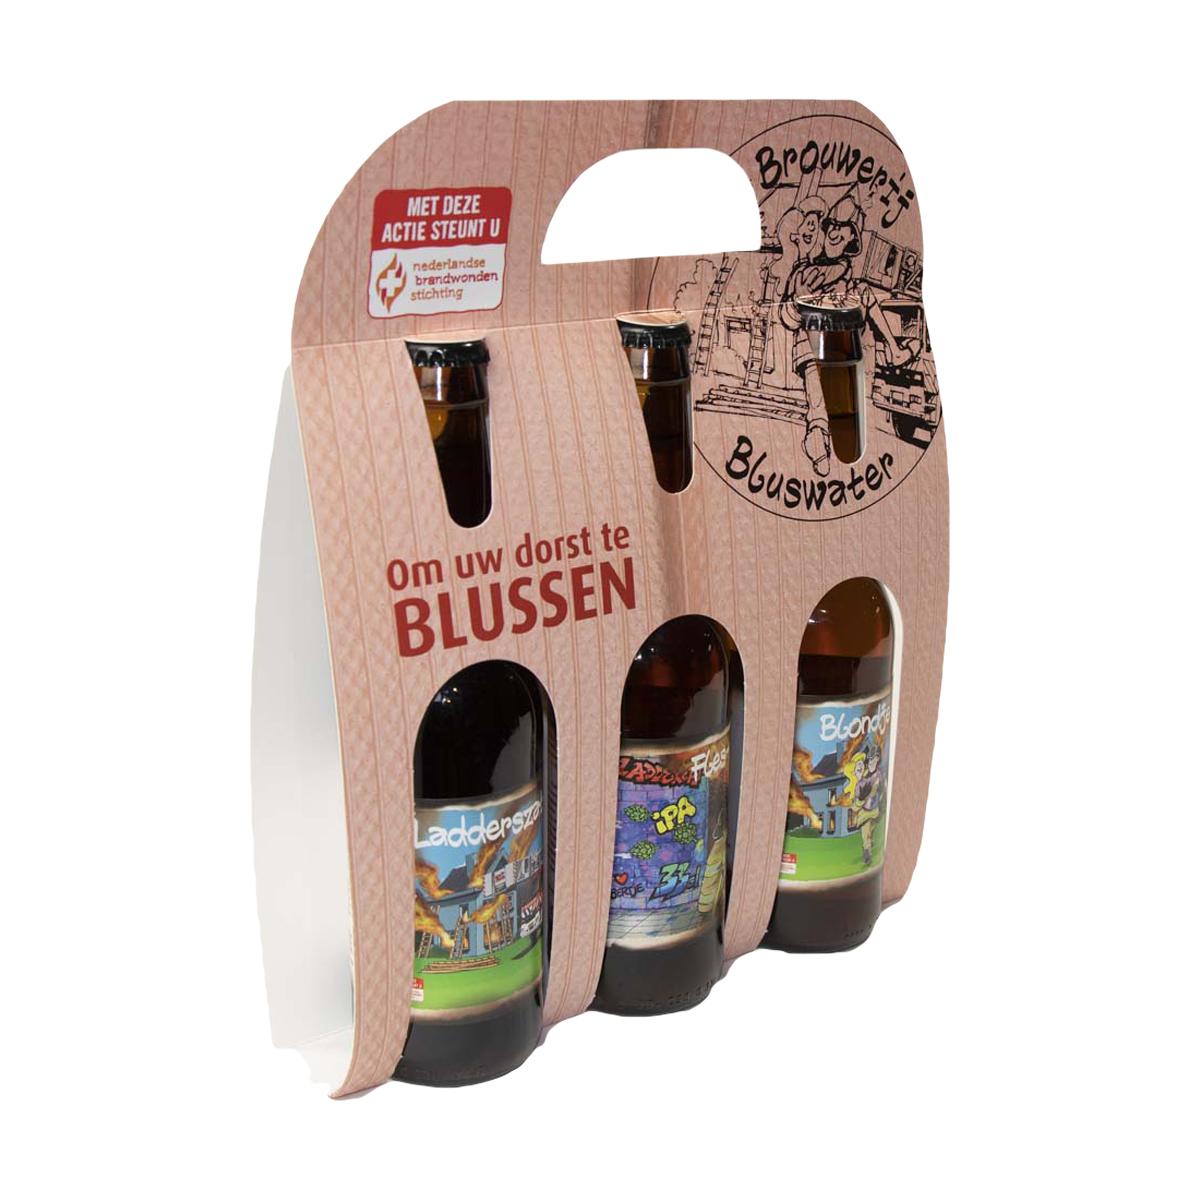 Bluswater-Bier-Pakket-3-Front-Side